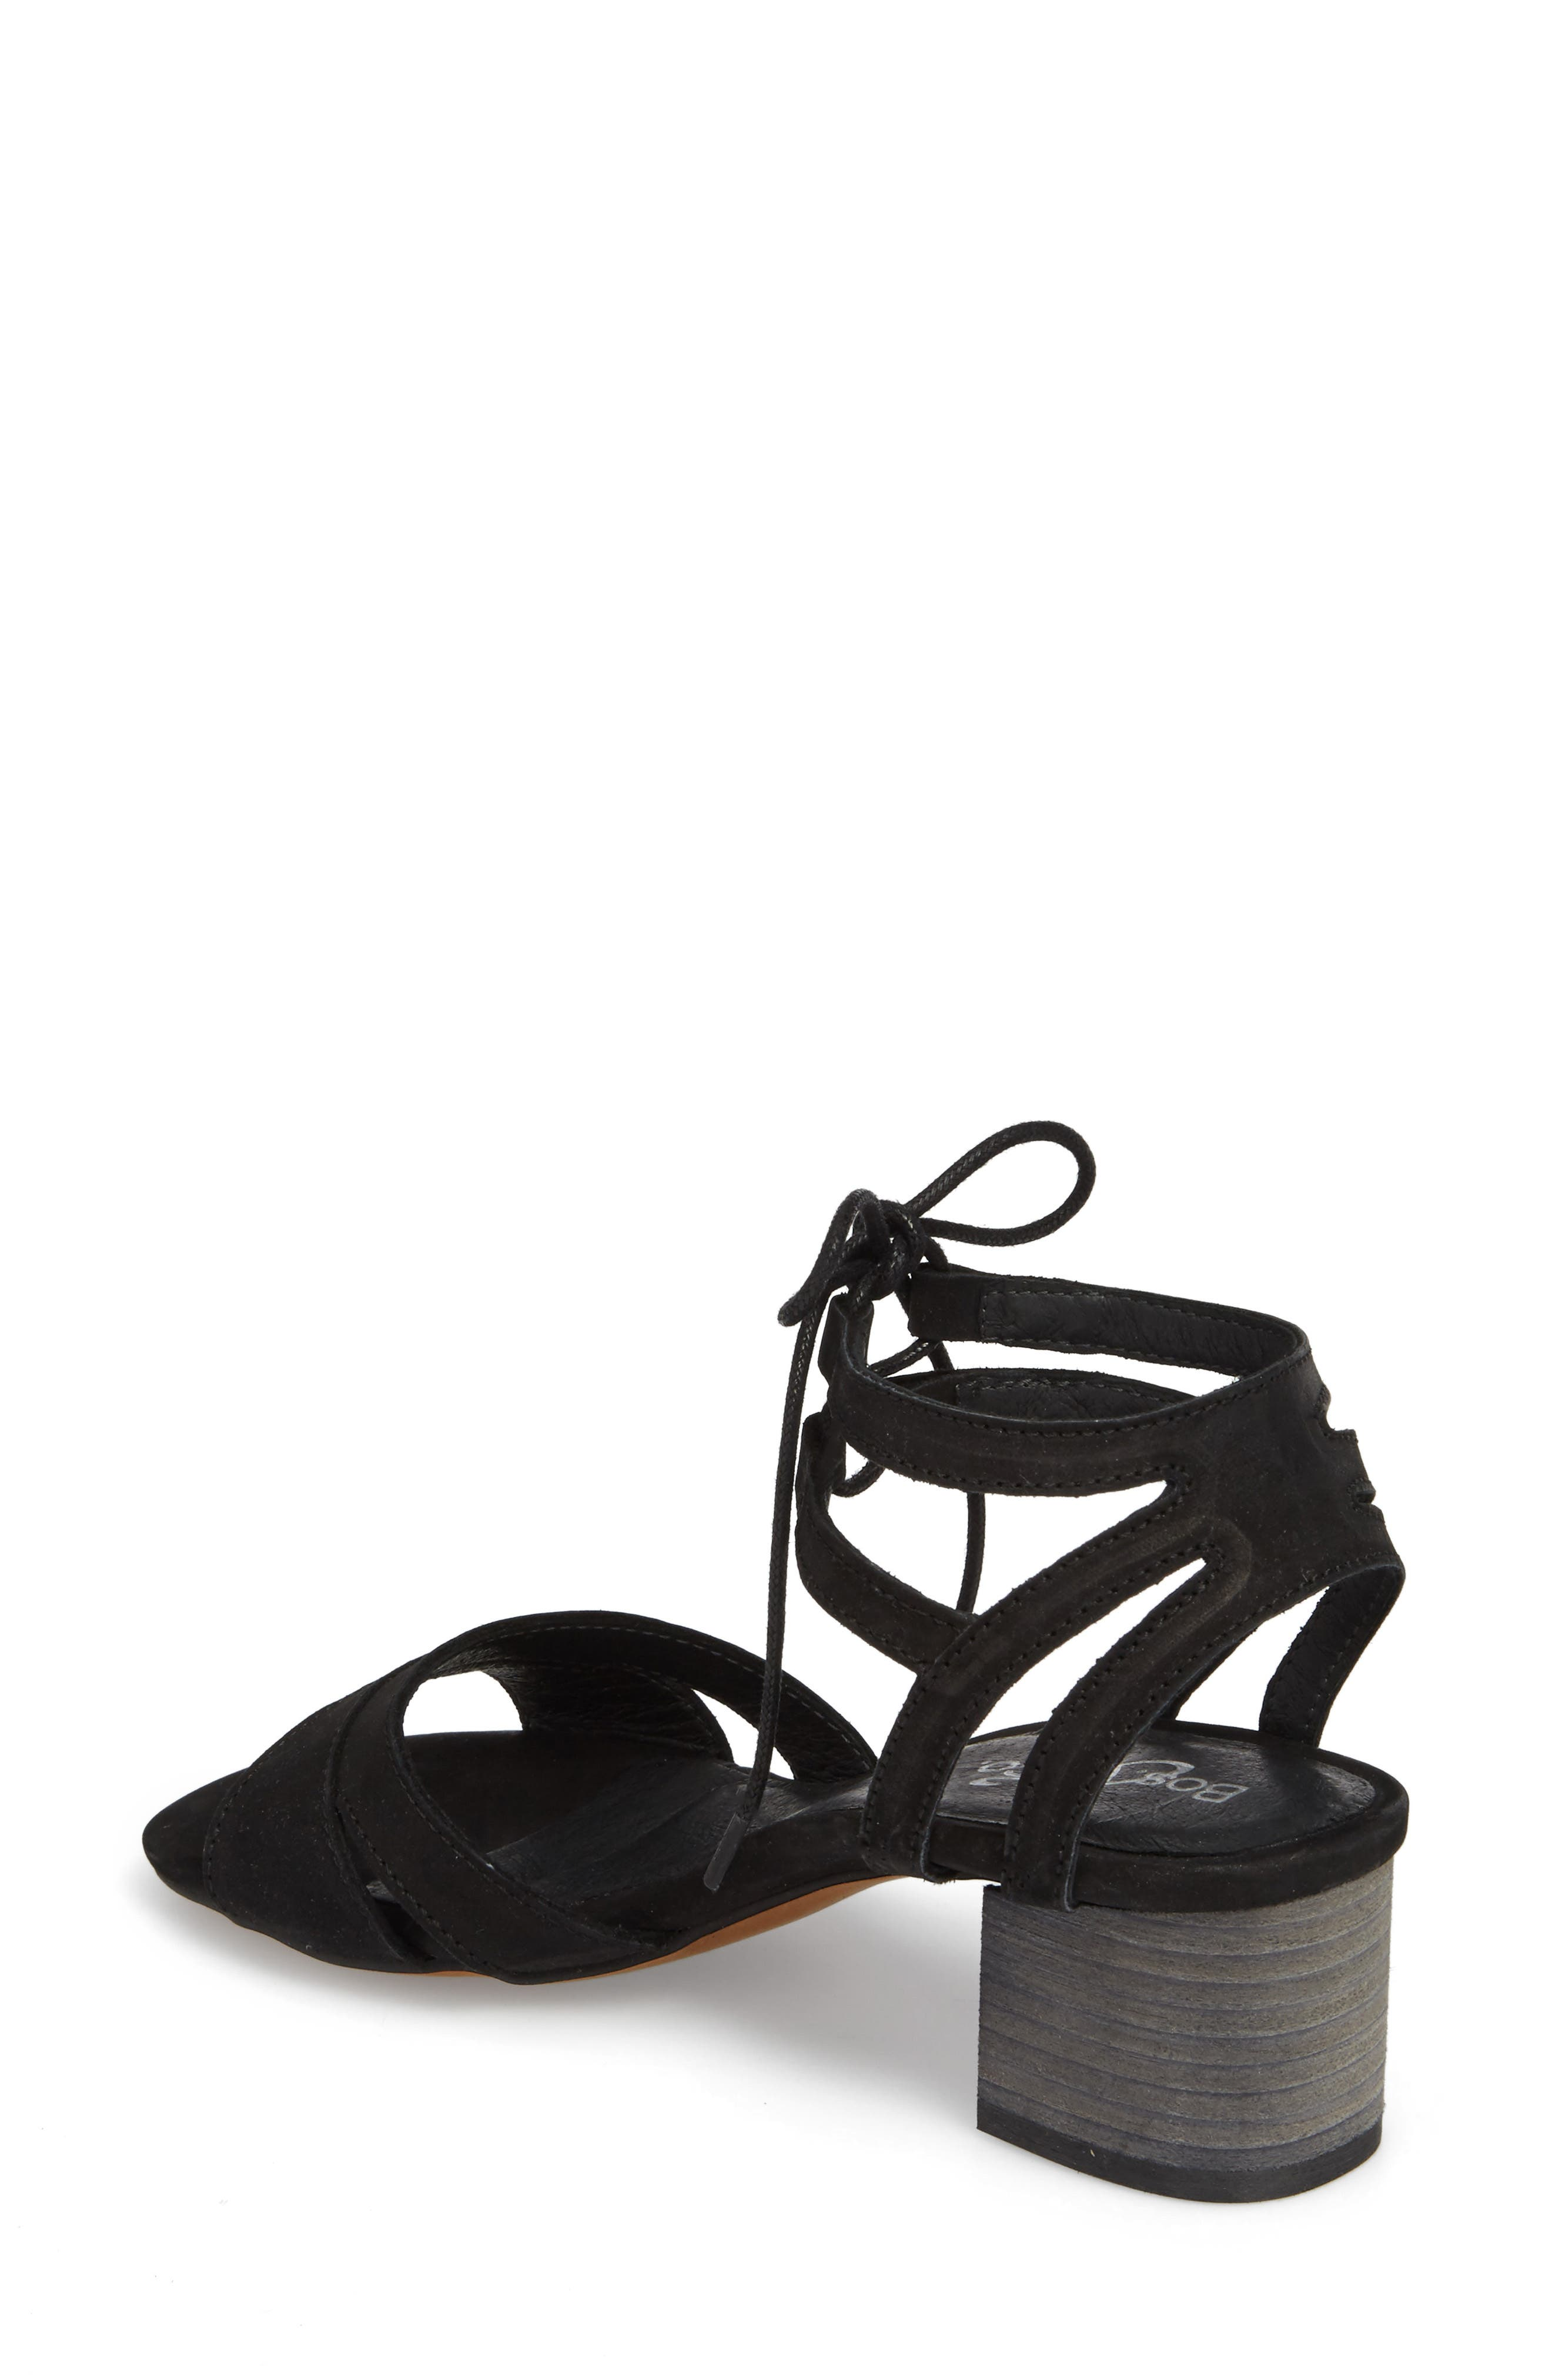 Zorita Sandal,                             Alternate thumbnail 2, color,                             Black Nubuck Leather